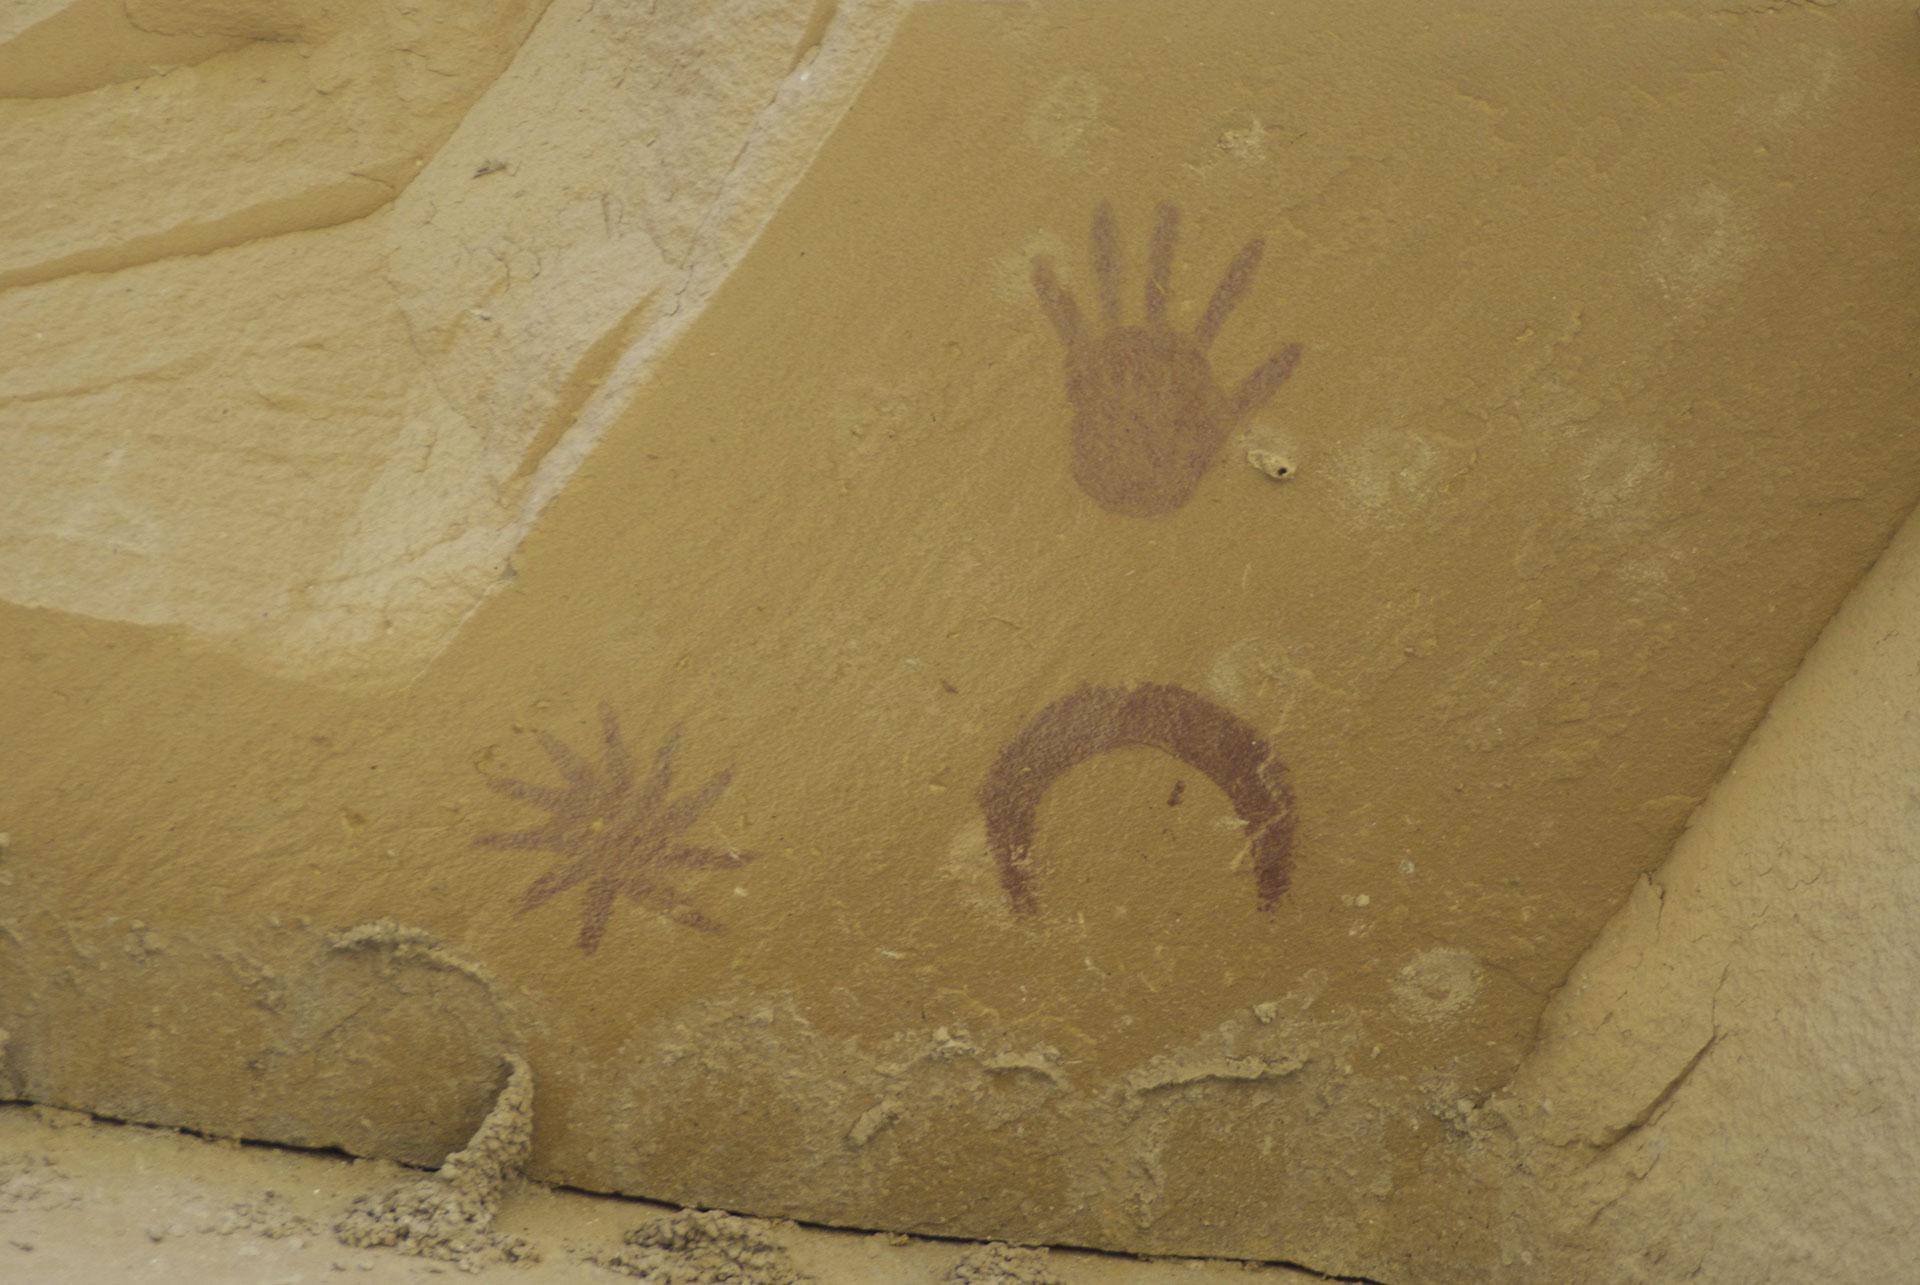 Photographie de pictogrammes représentant la lune, une grande étoile et l'empreinte d'une main. Site de Chaco Canyon, Nouveau-Mexique, États-Unis d'Amérique.